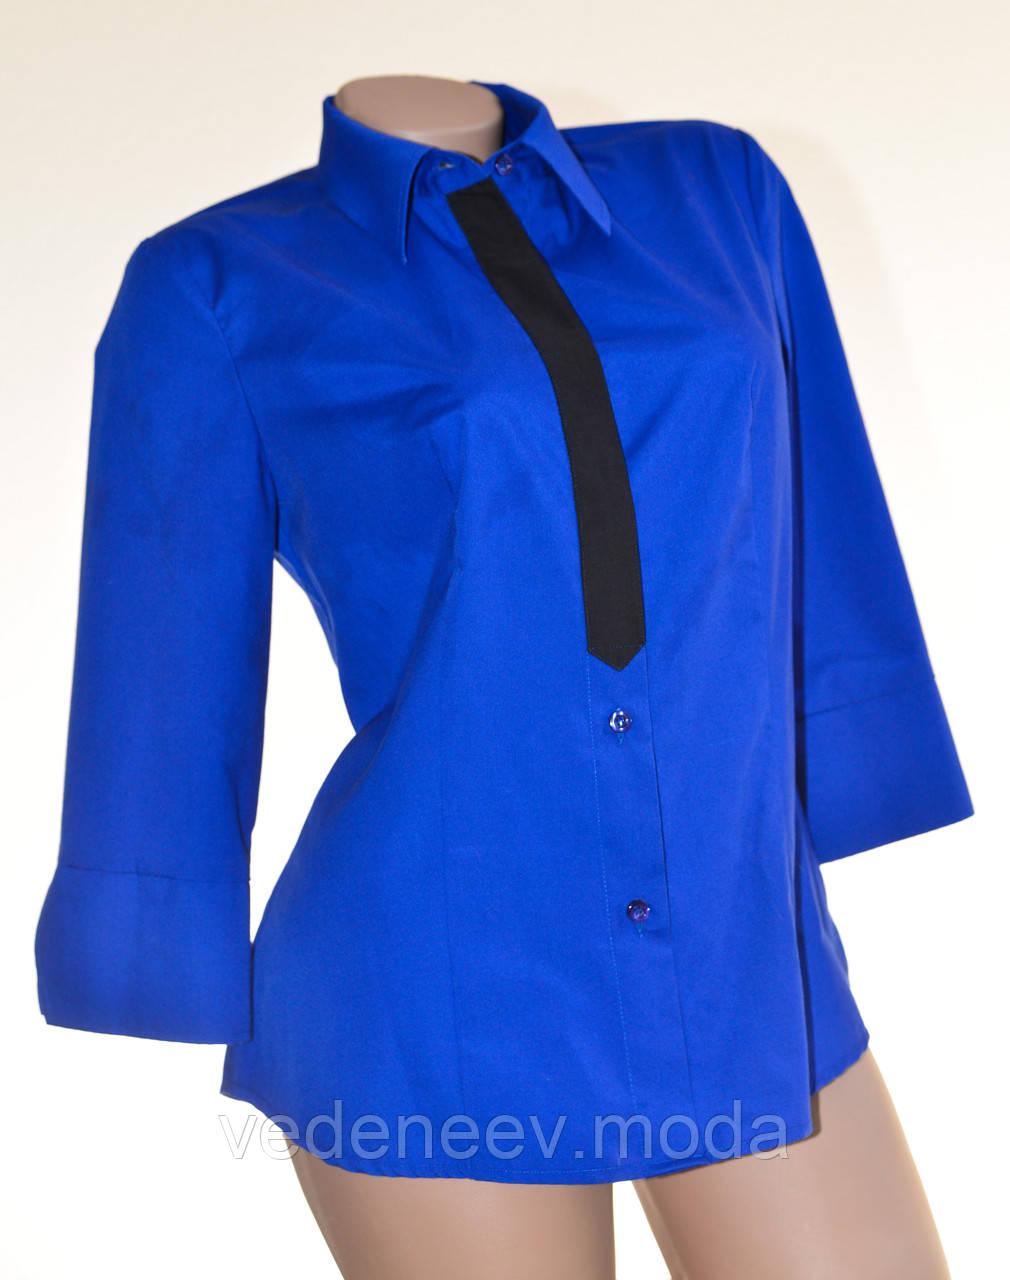 Синяя корпоративная женская блуза с рукавом 3/4 и планкой галстуком